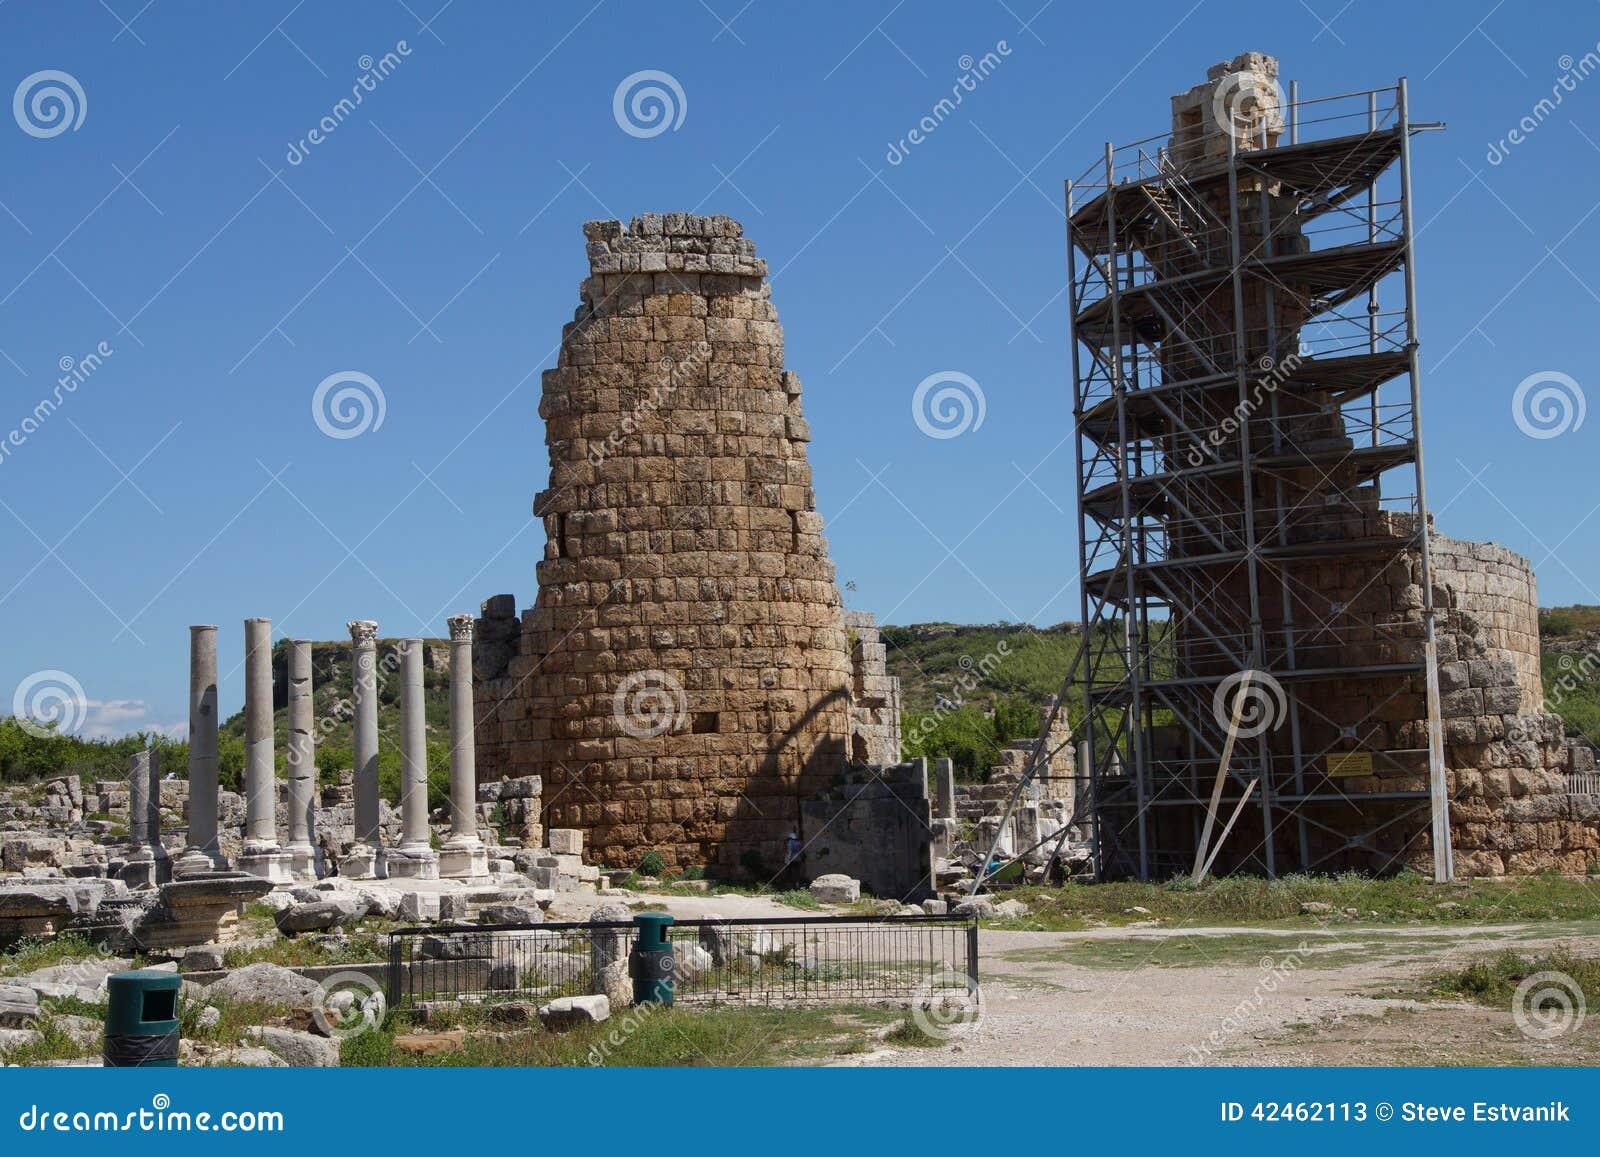 Turm des Hellenistic Tors